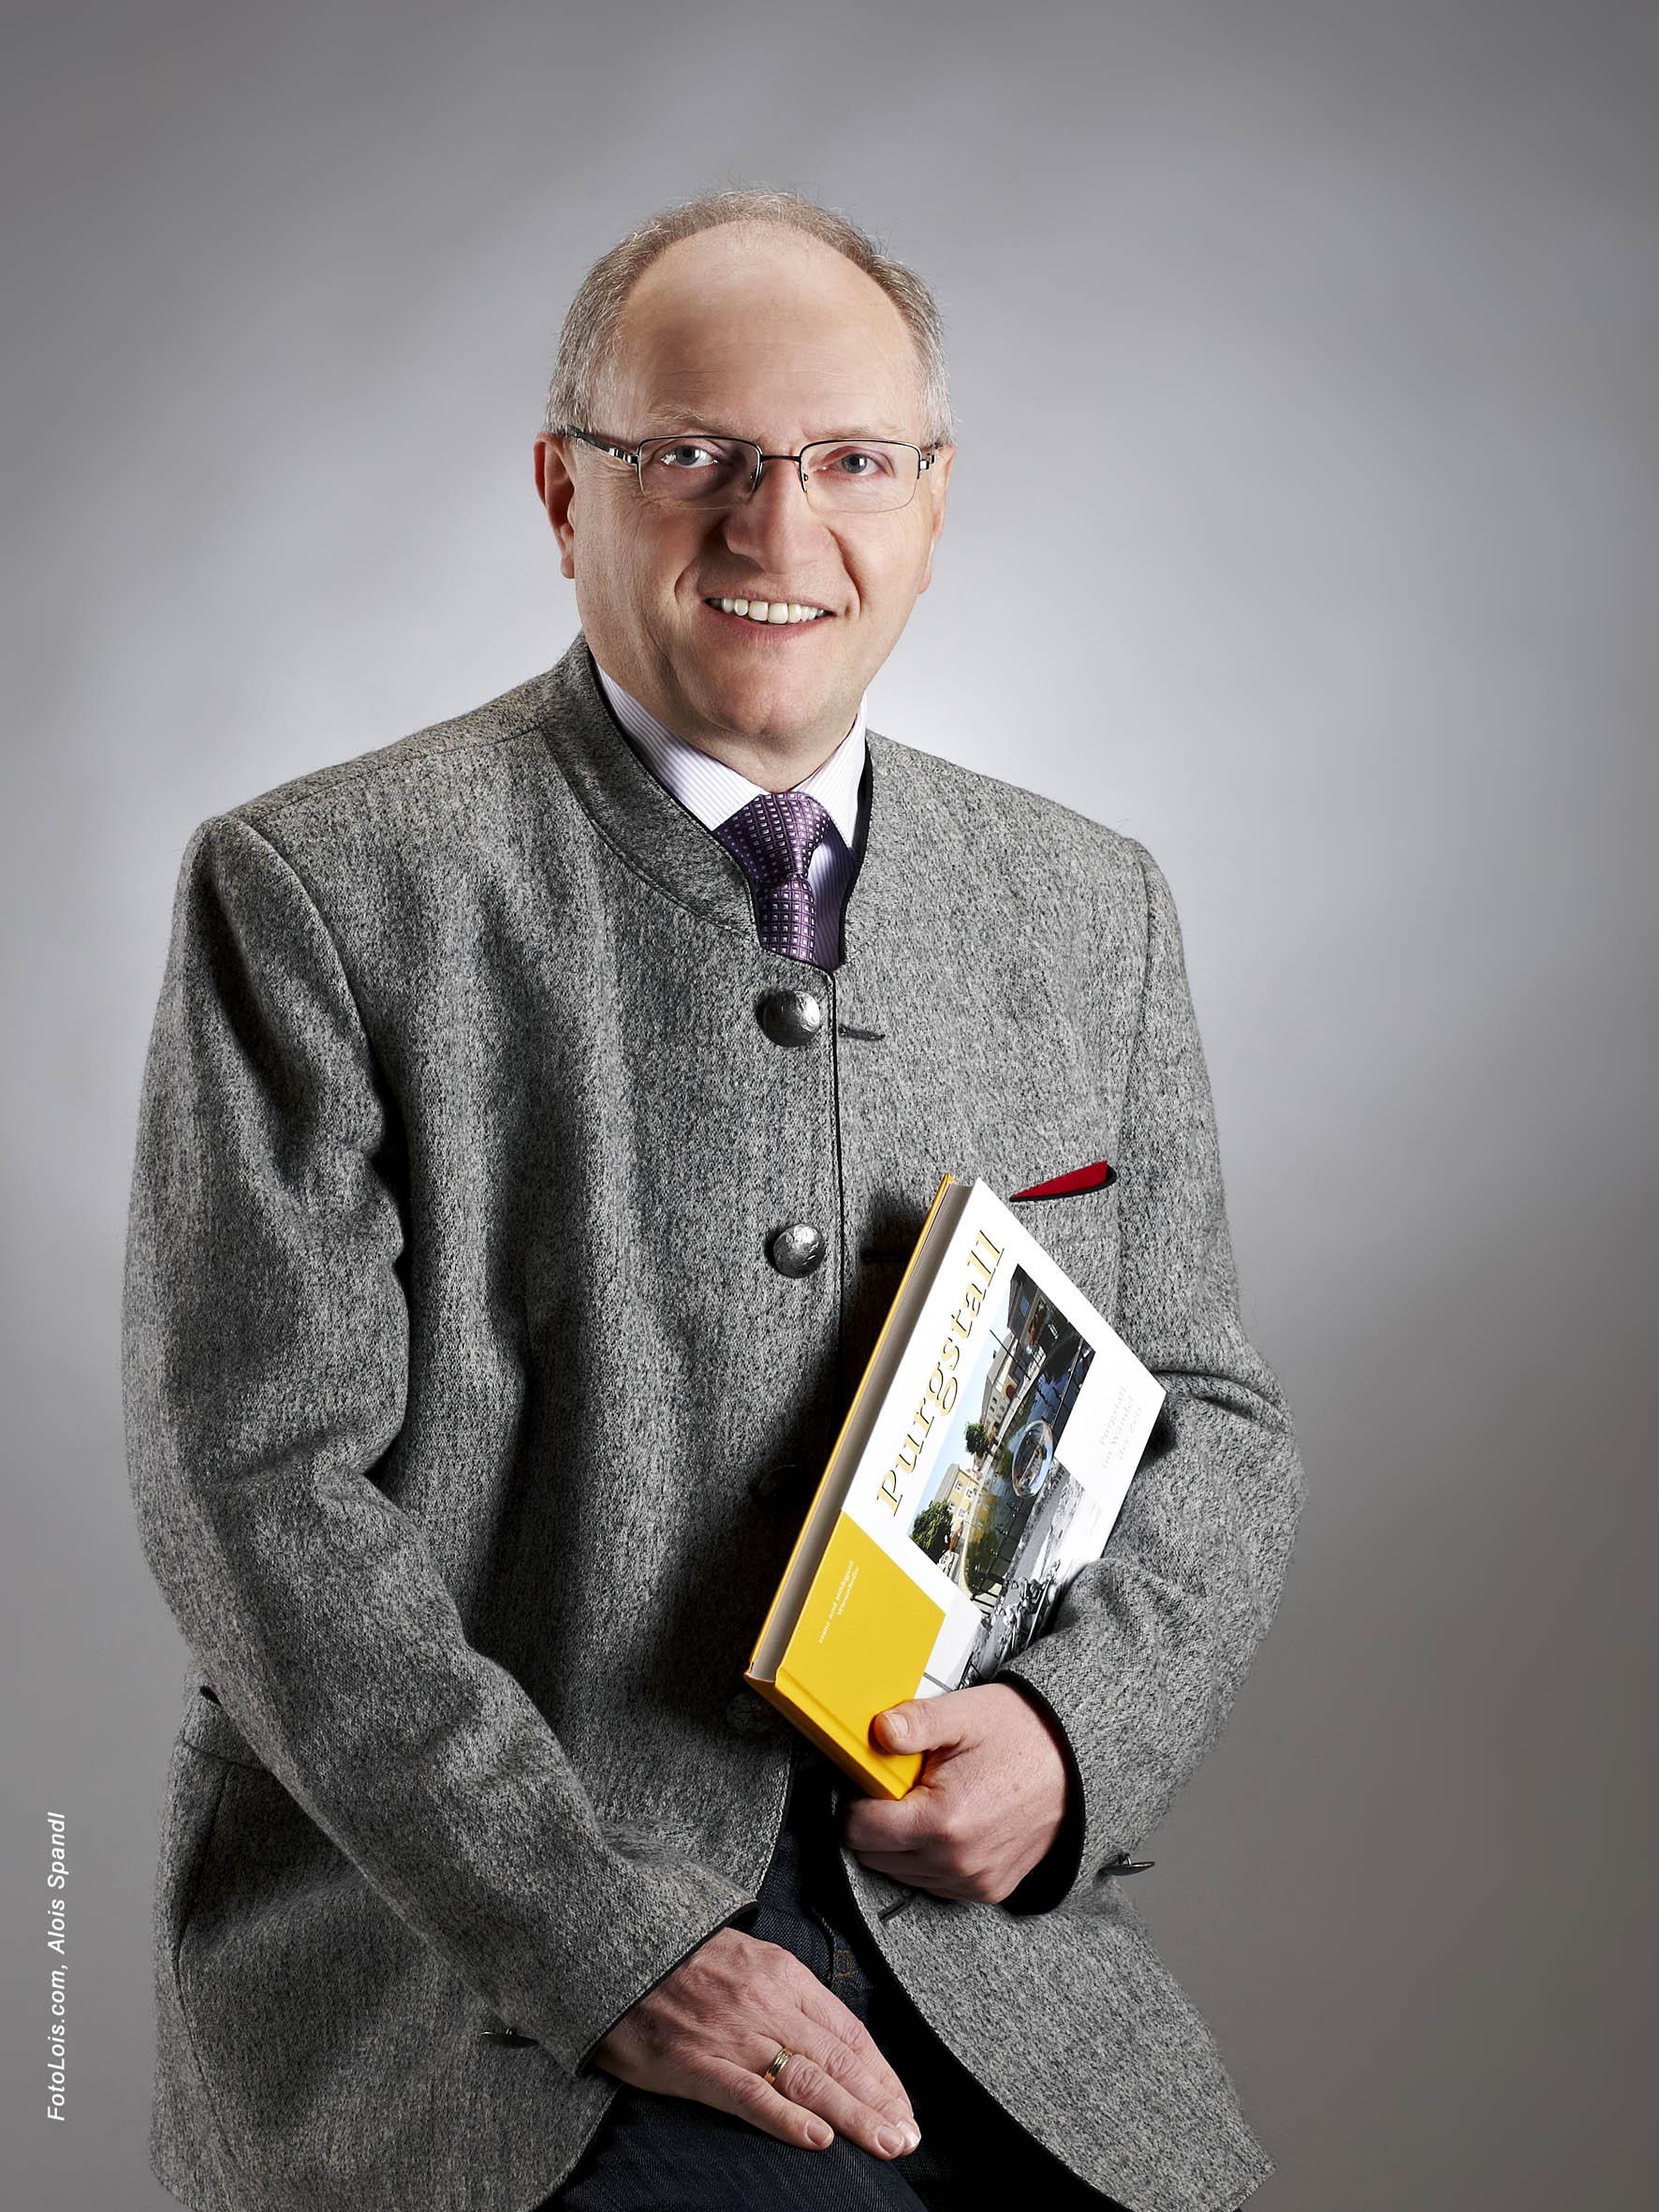 019_Businessportrait_Wiesenhofer Franz15x20